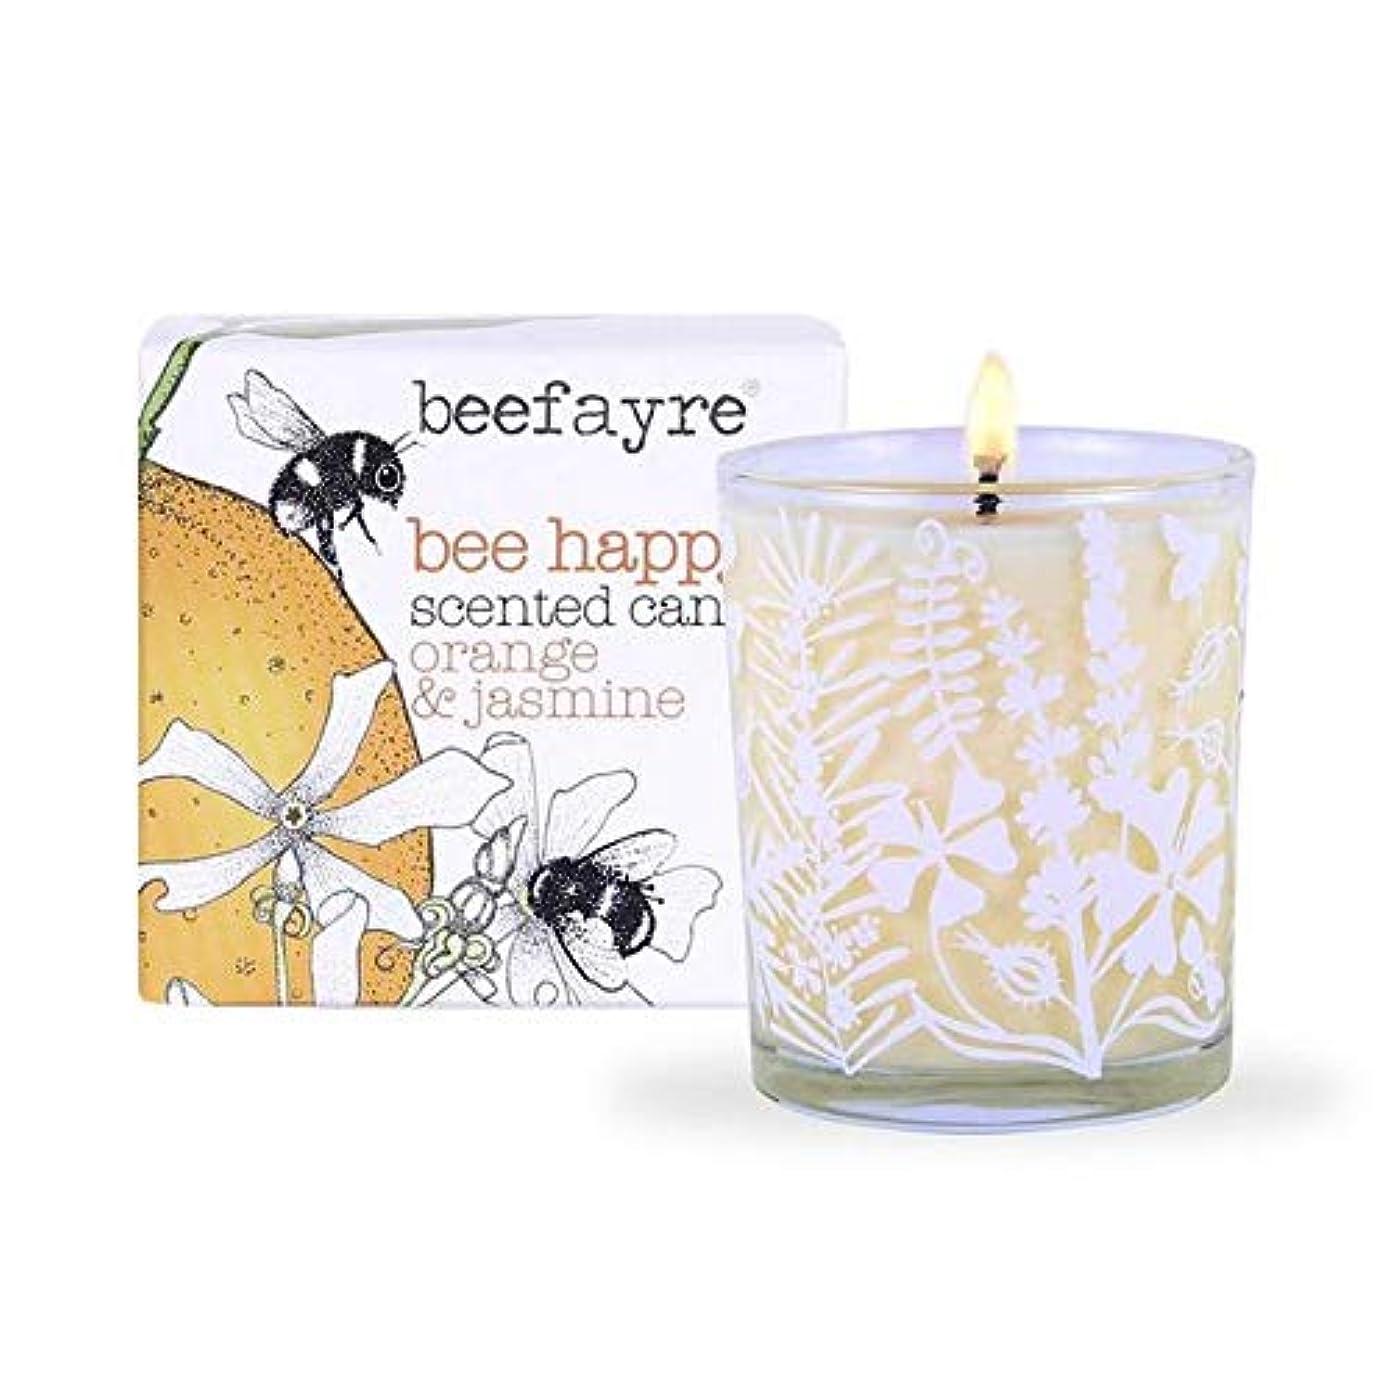 褒賞格納インストラクター[Beefayre] オレンジ&ジャスミンの香りのキャンドル9Cl Beefayre - Beefayre Orange & Jasmine Scented Candle 9cl [並行輸入品]